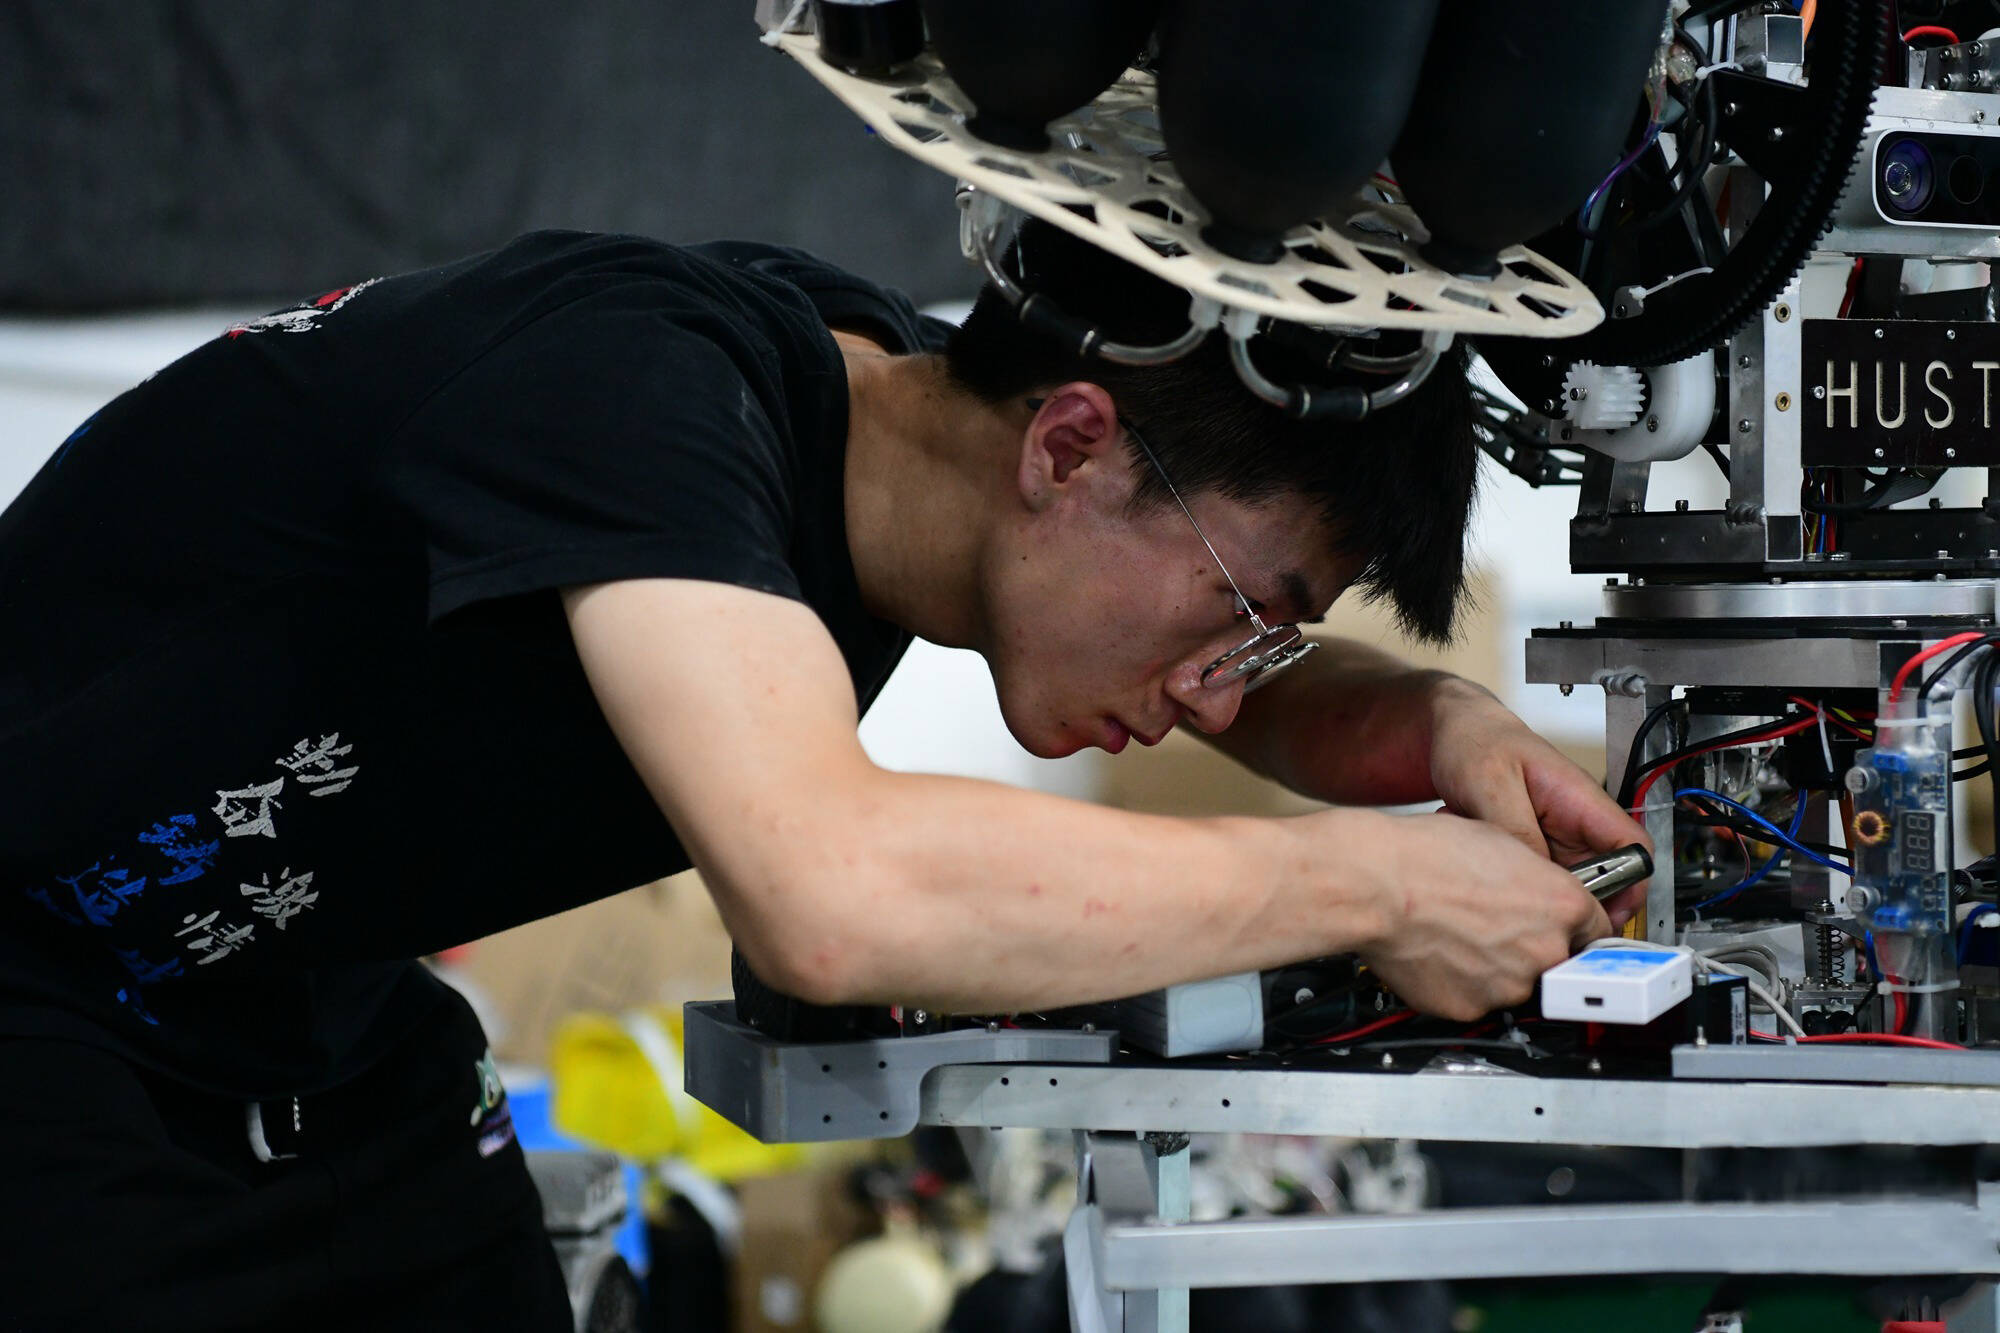 影像力 科技感与少年元气的碰撞!第二十届全国大学生机器人大赛ROBOCON开幕精彩瞬间